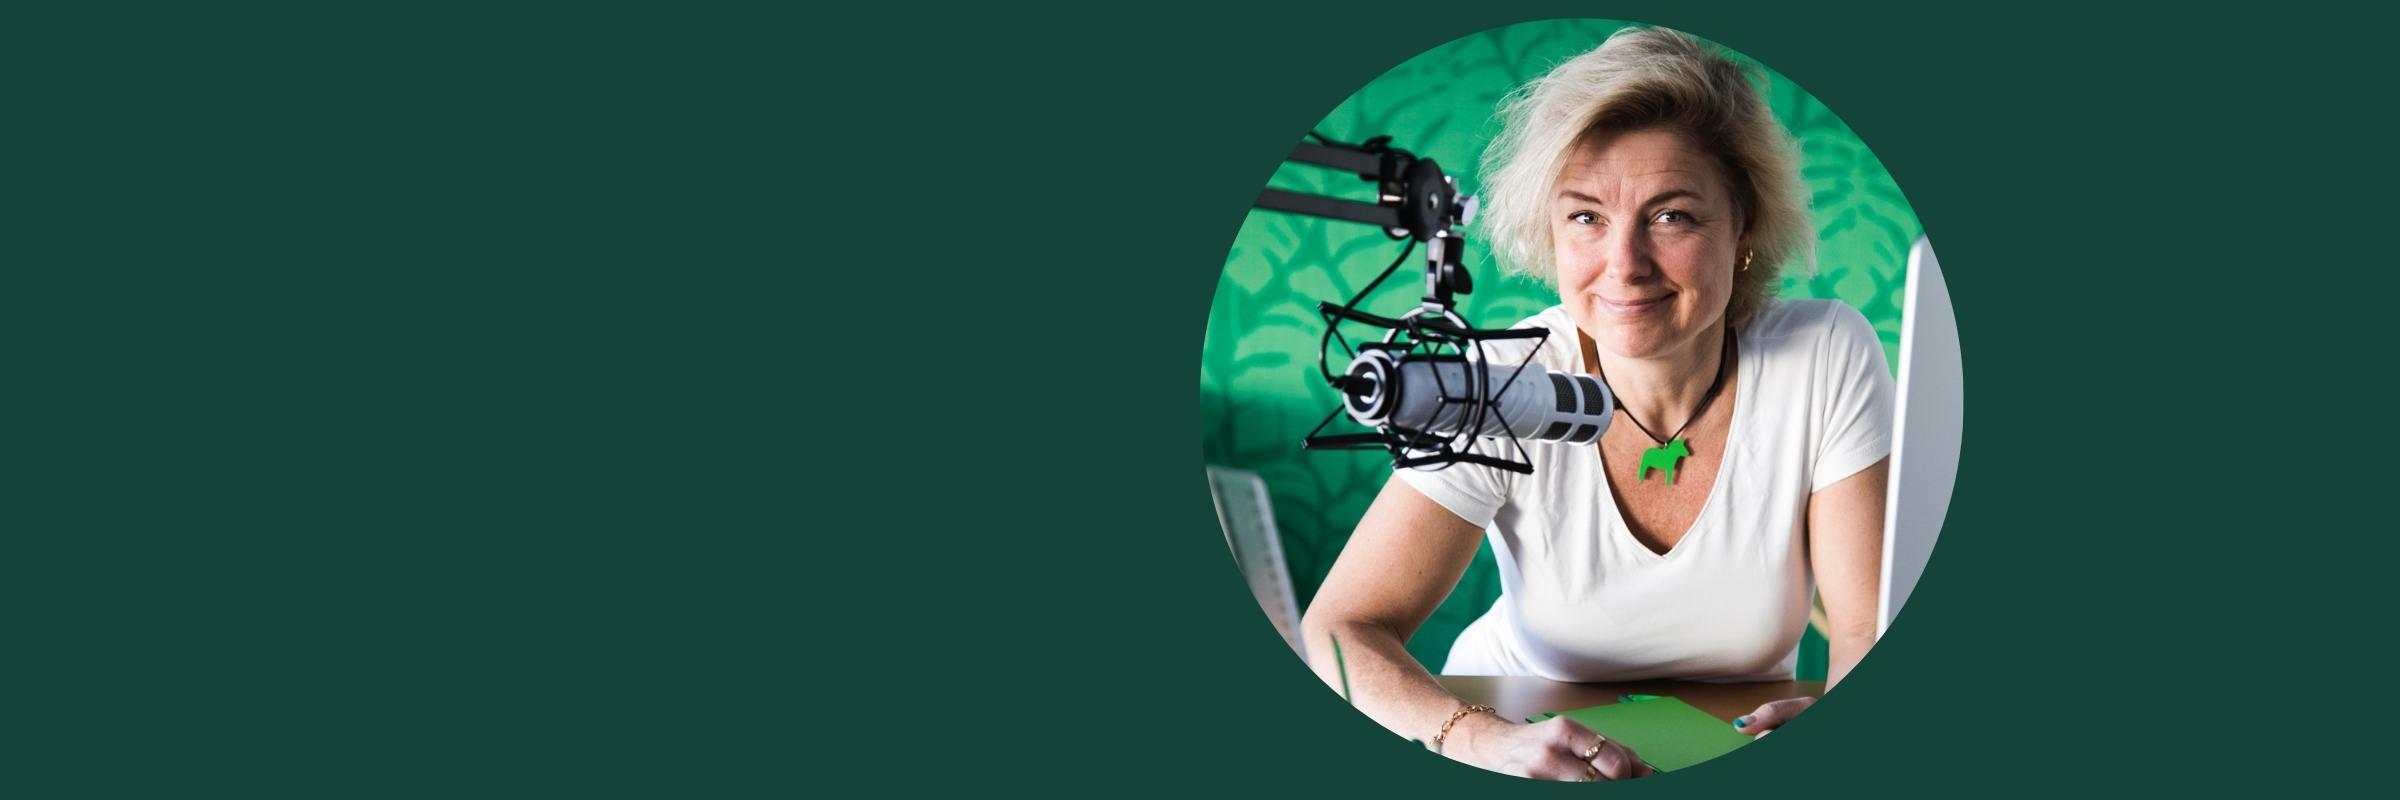 Kicki Westerberg Podcast Cirkeln